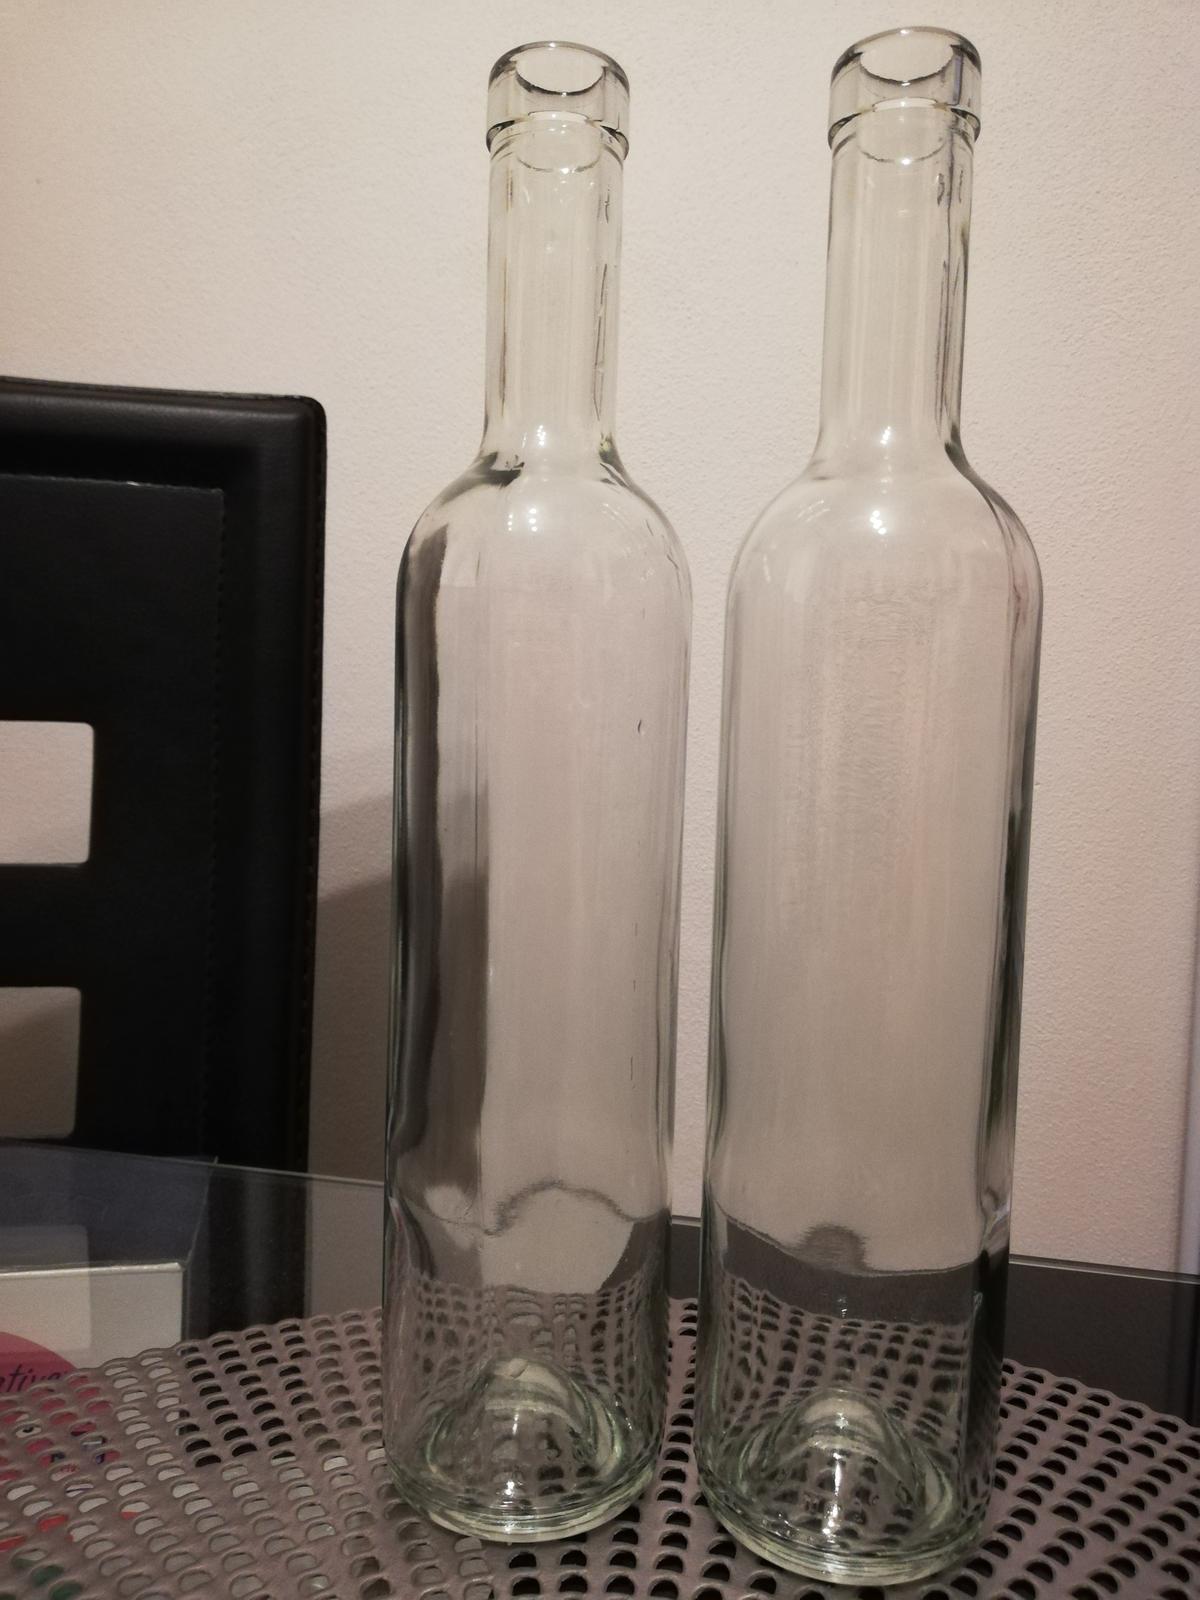 Fľašky na domáci alkohol  - Obrázok č. 1